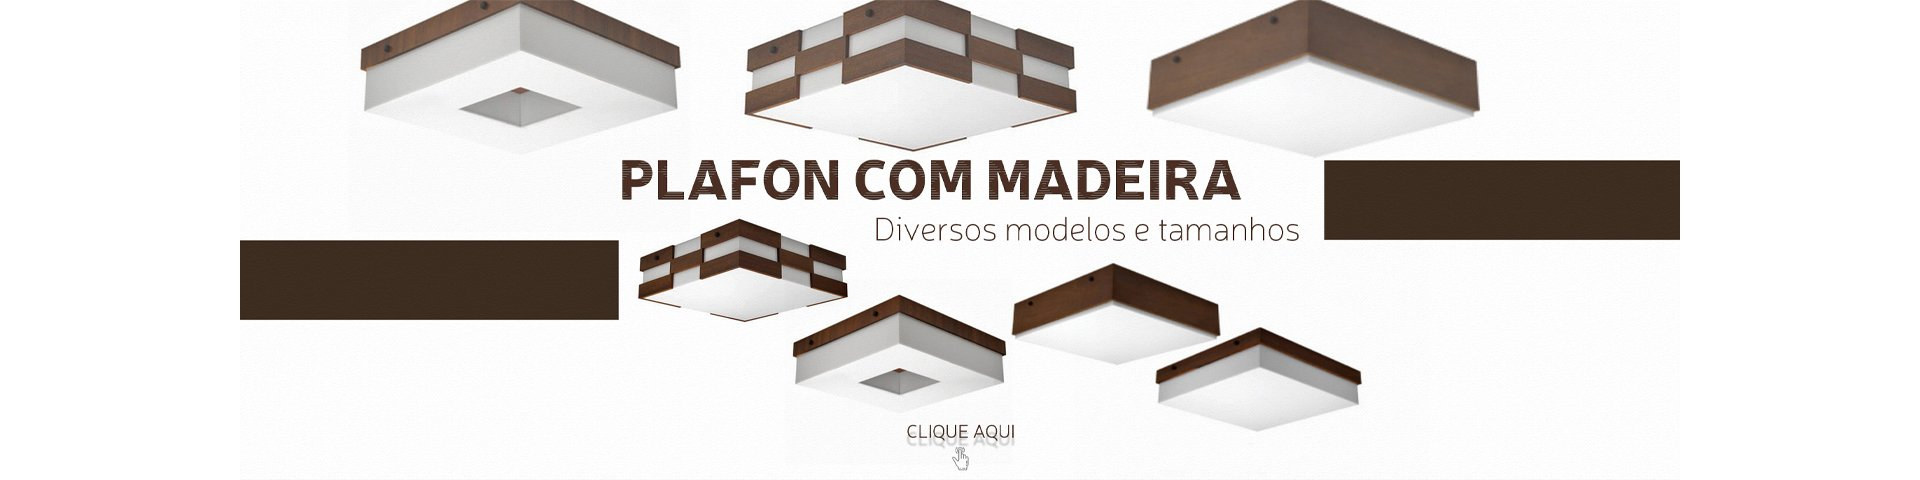 Plafon com Madeira